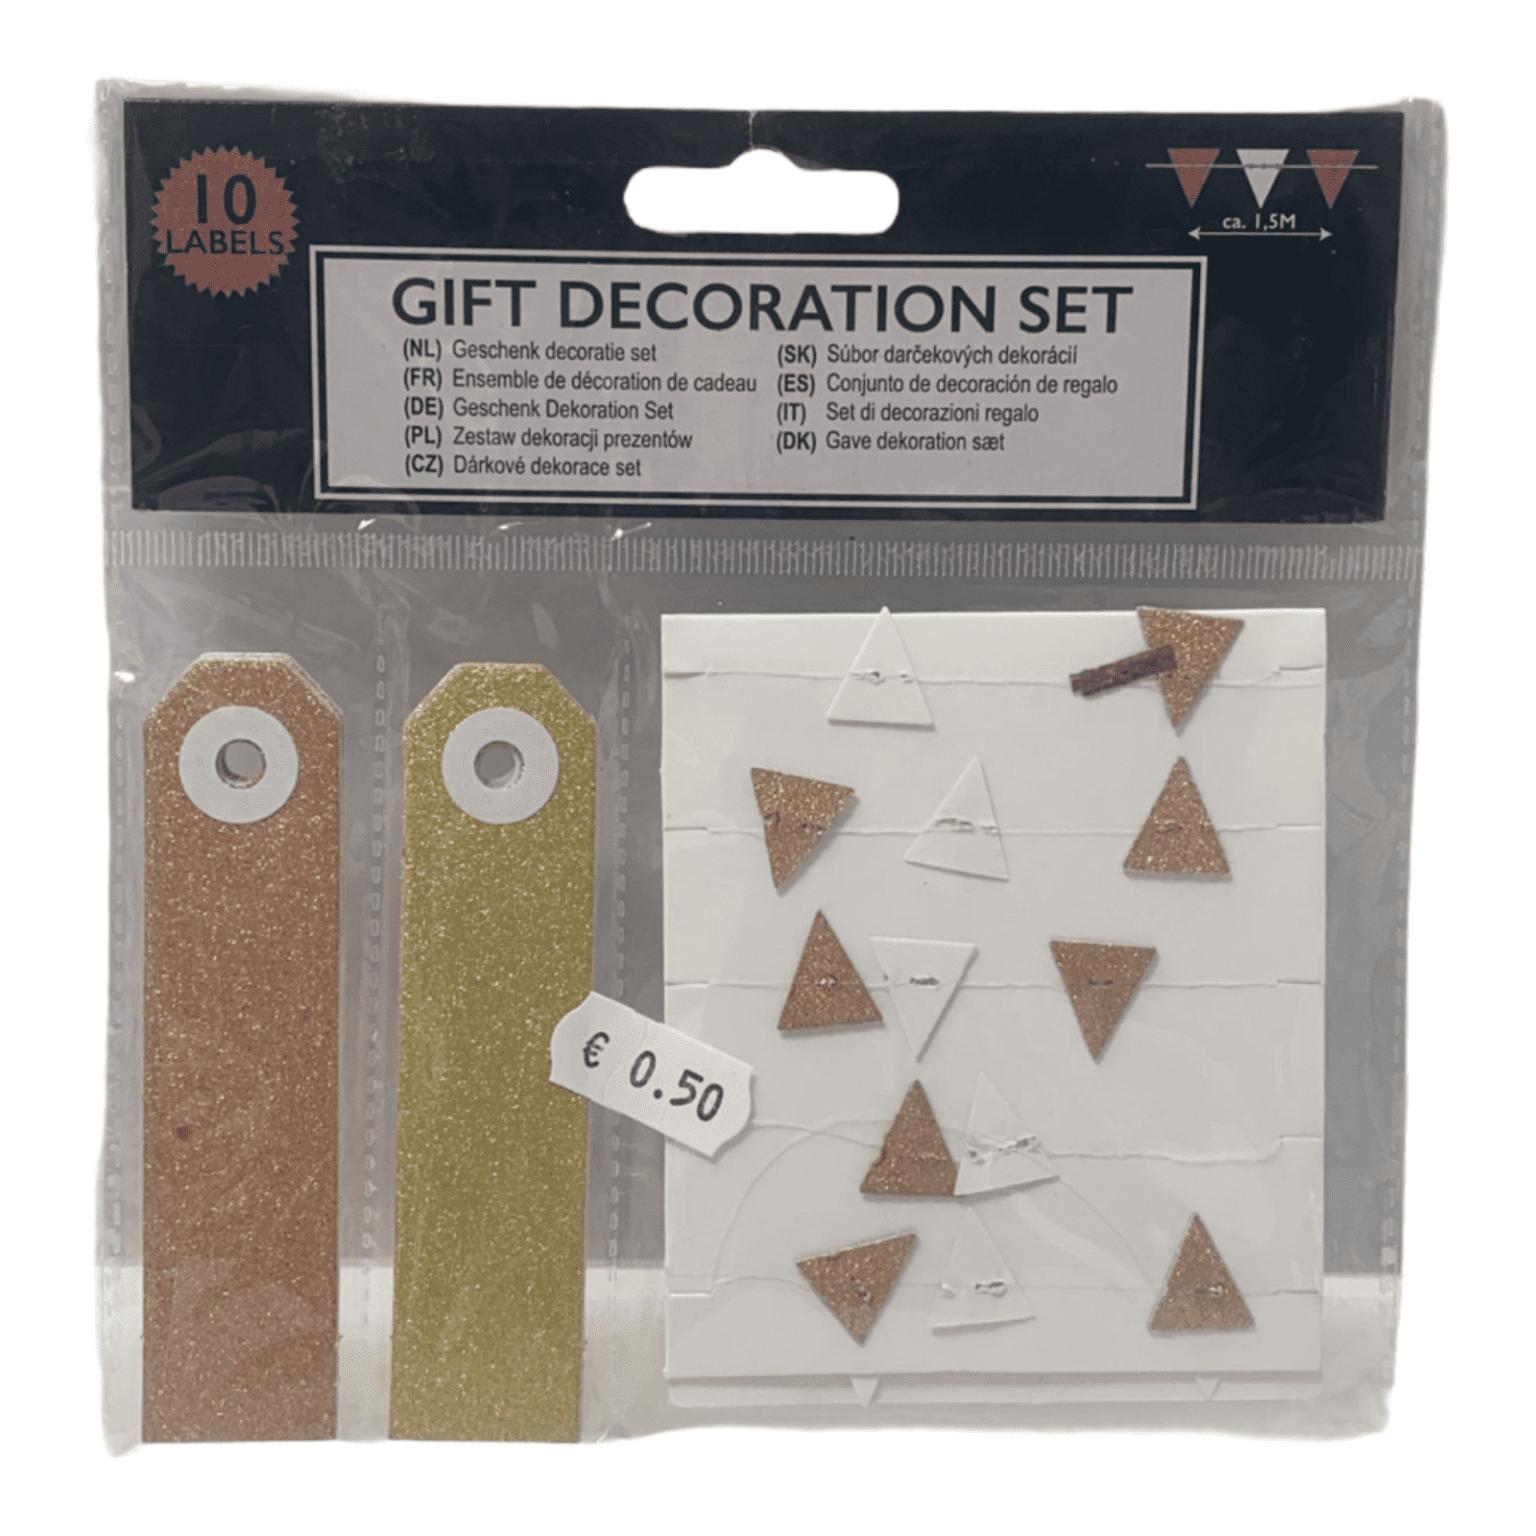 11er-Set Geschenk-Dekorations-Set